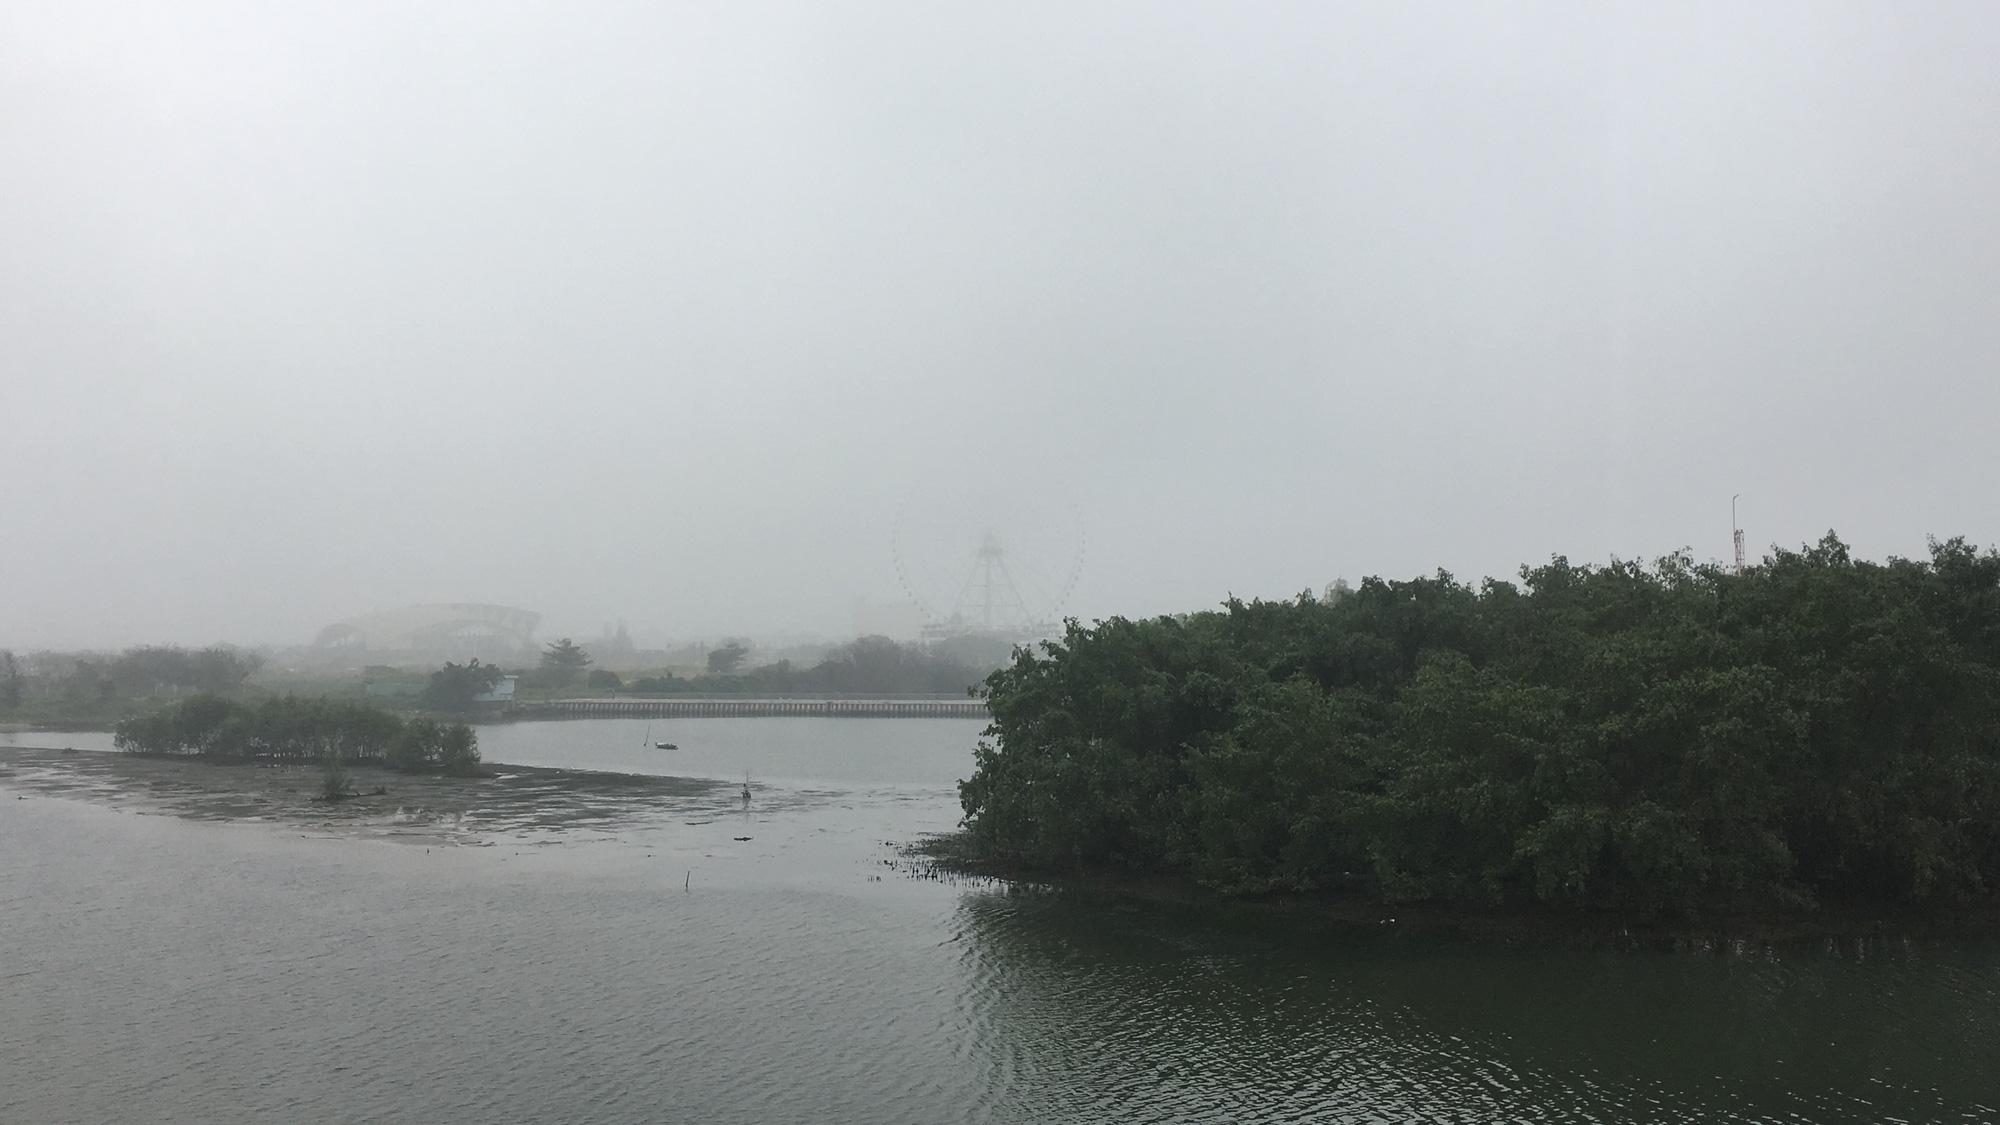 Đà Nẵng chìm trong sương mù dày đặc dù đã gần 9 giờ sáng - Ảnh 11.